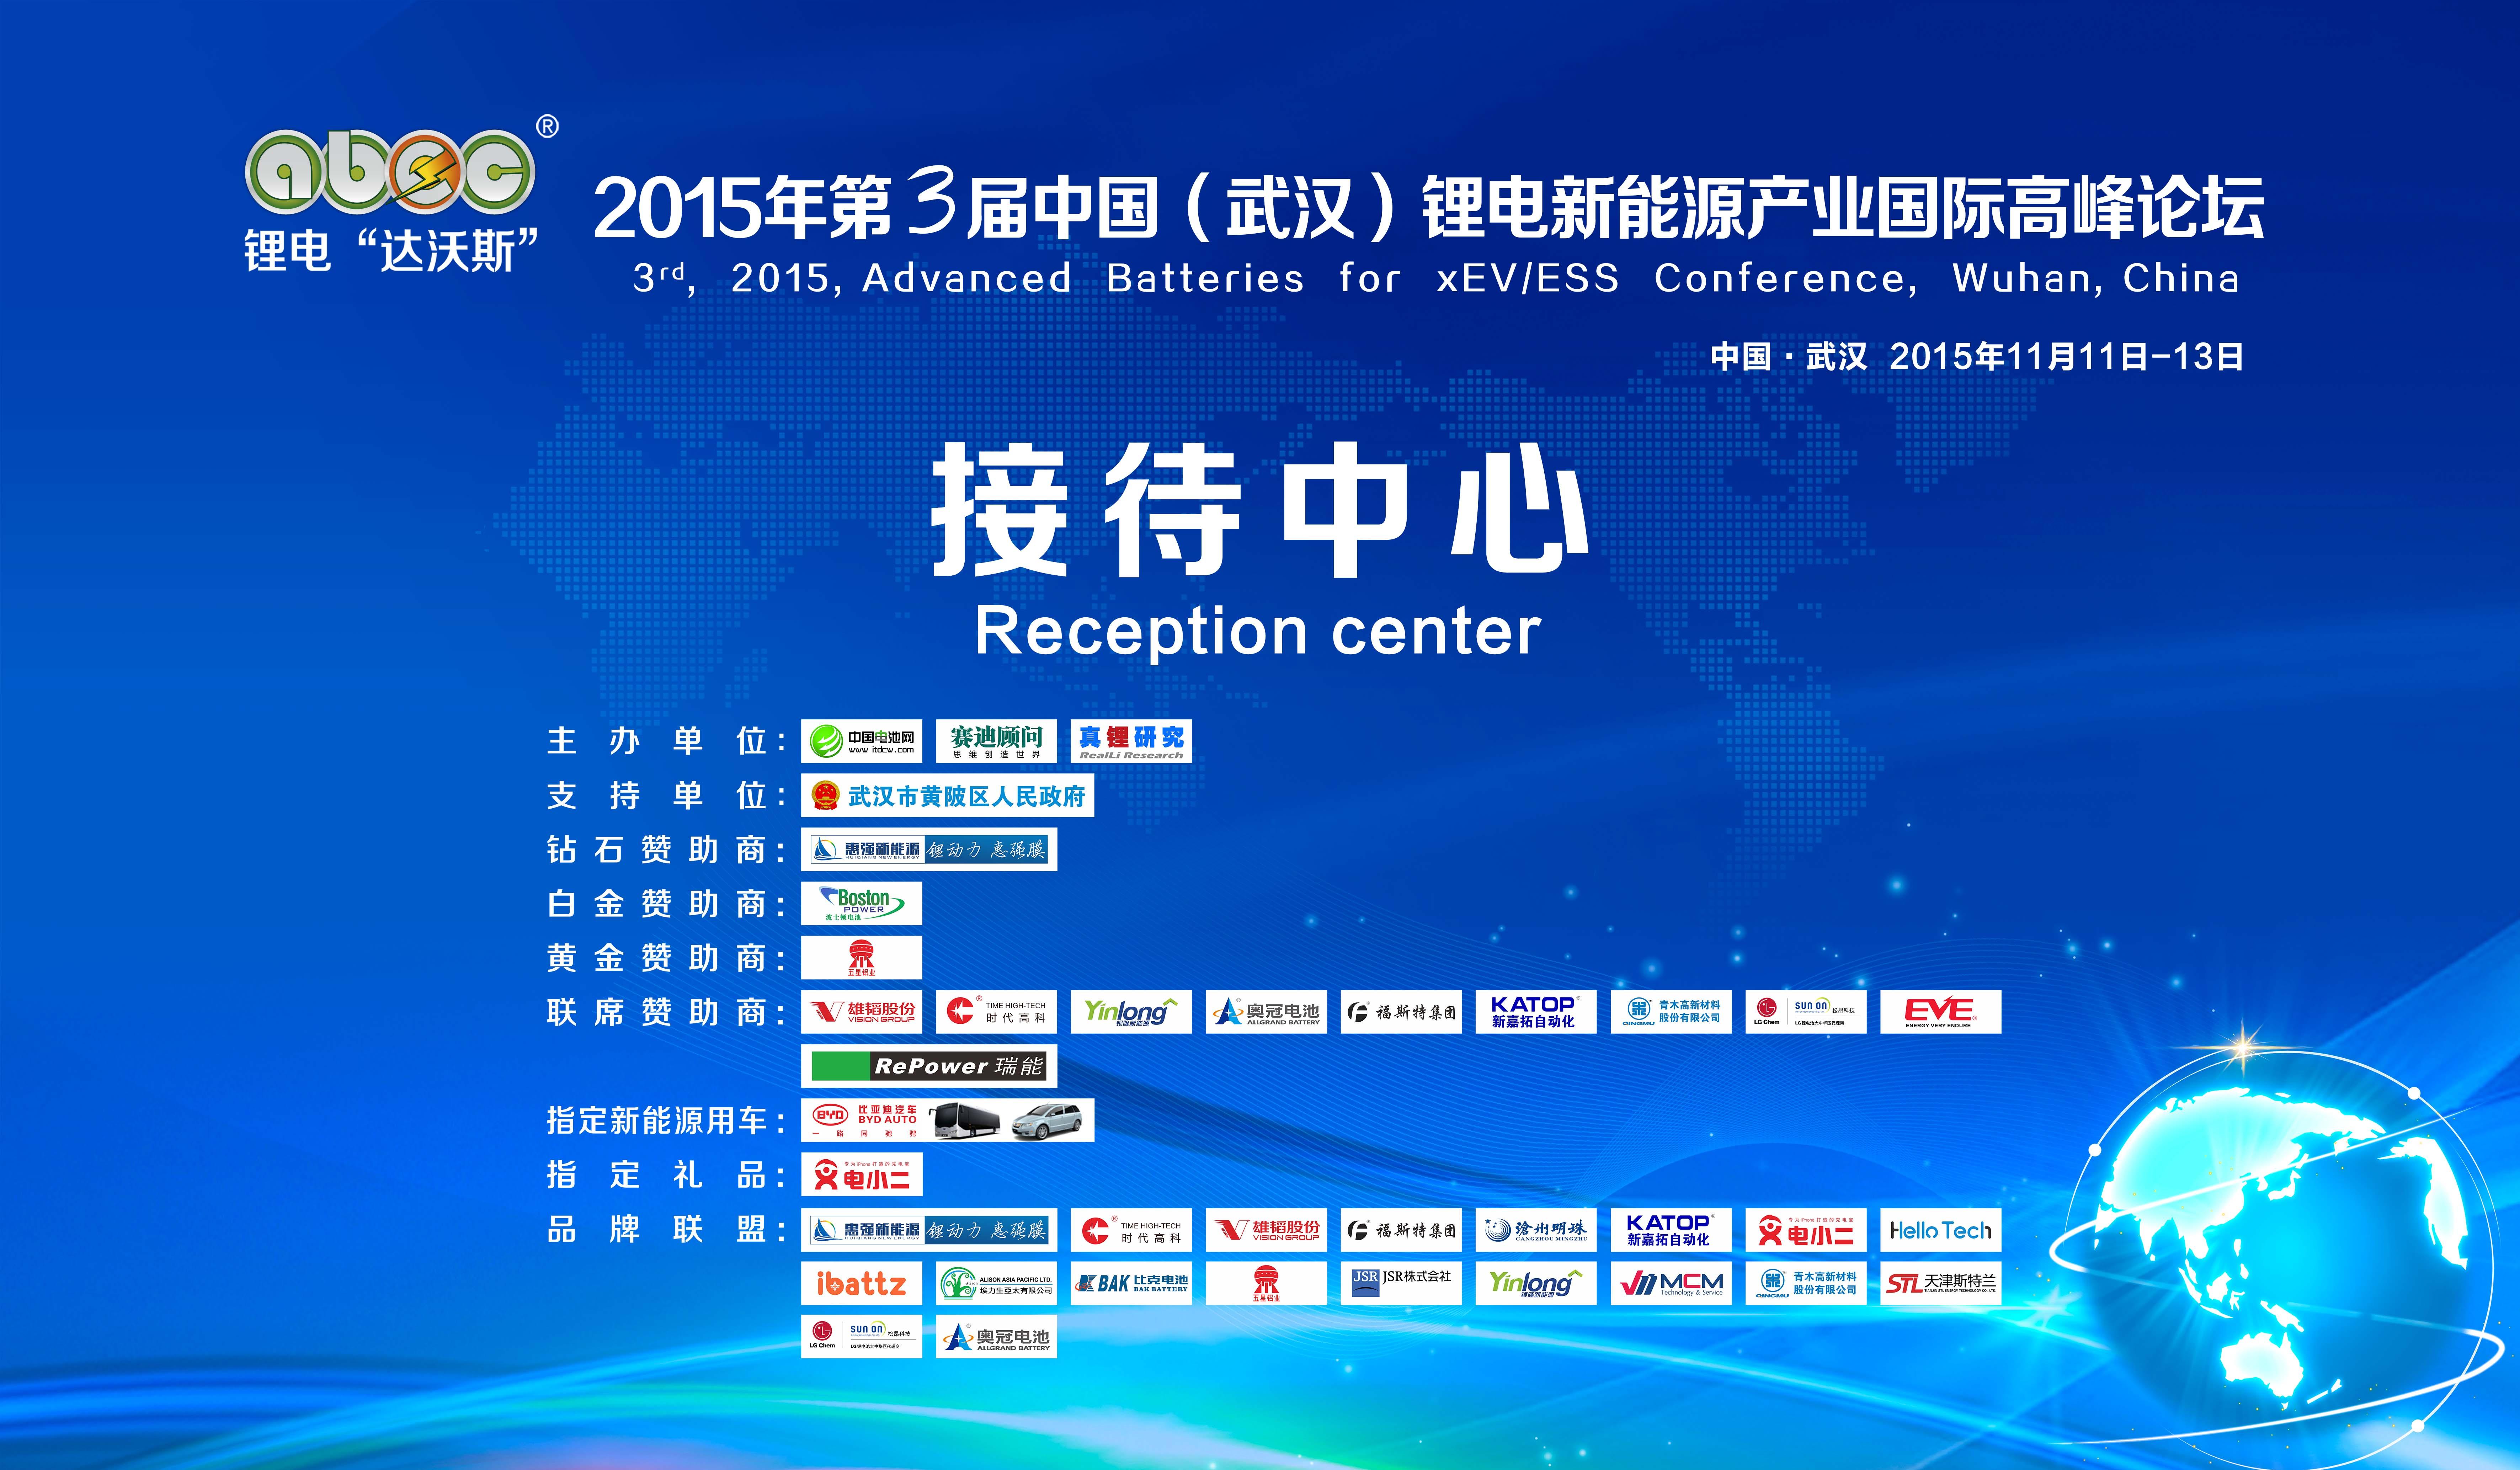 第3届中国(武汉)锂电新能源产业国际高峰论坛通知